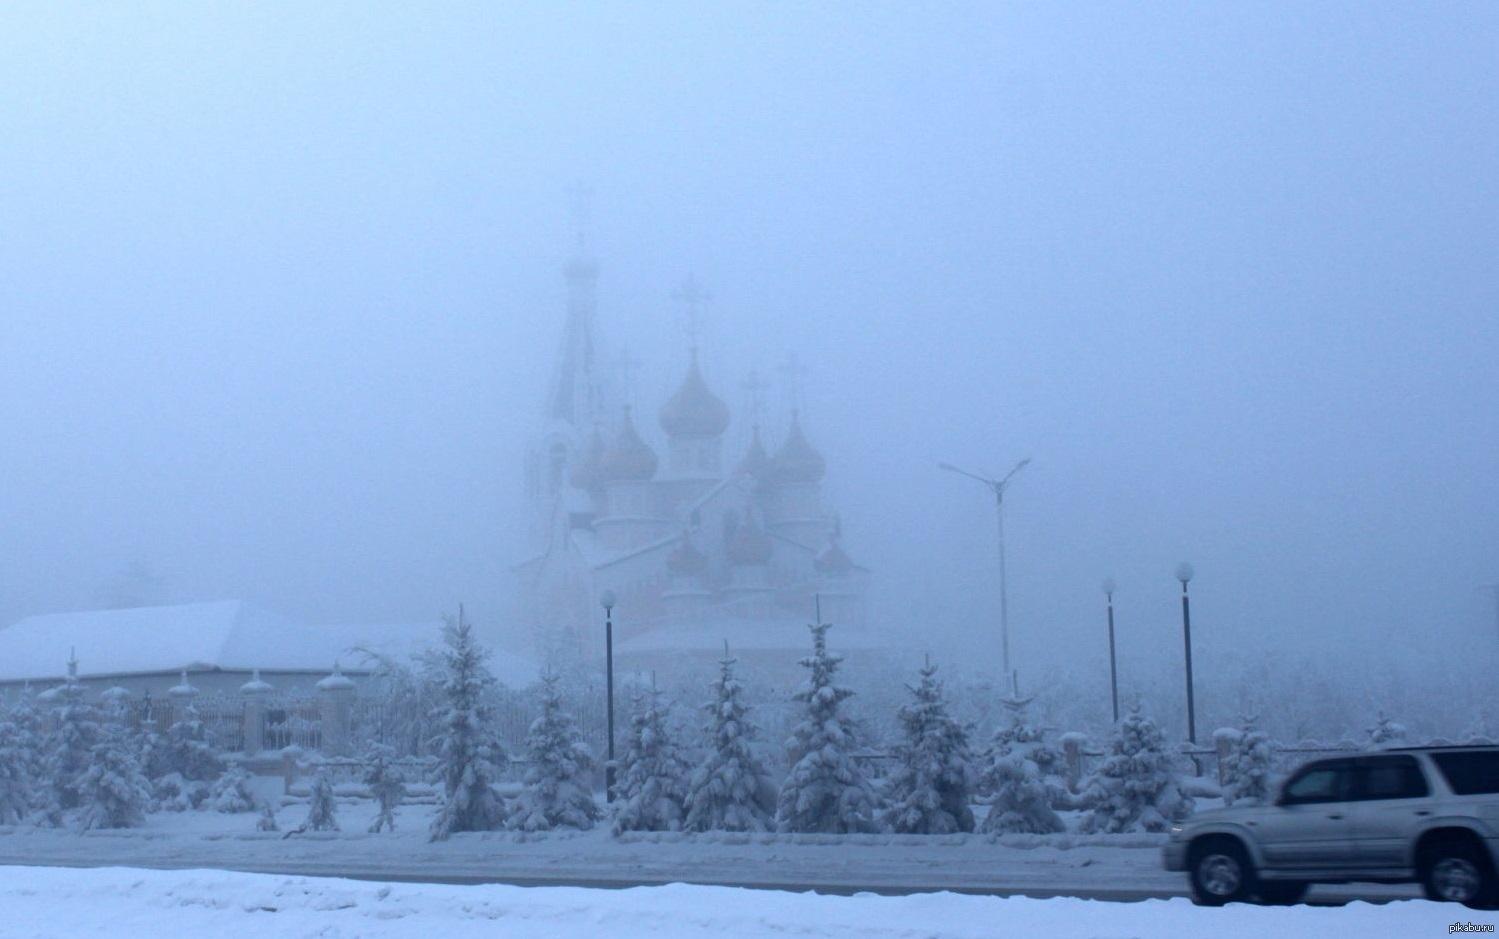 началом игры город якутск фото зимой назвал